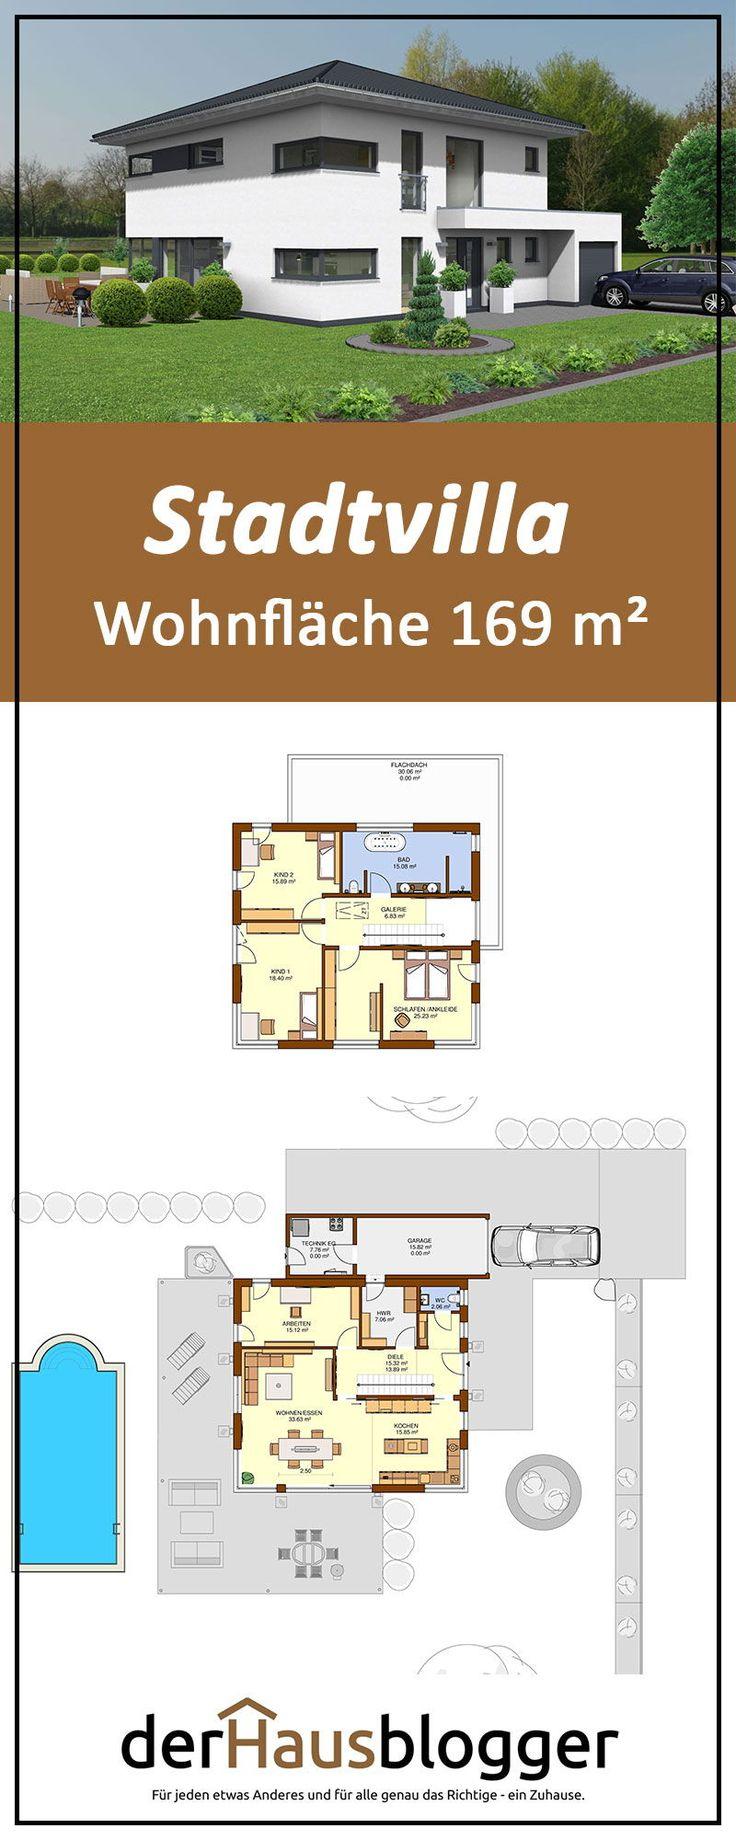 Stadtvilla 169m² – Grundrisse